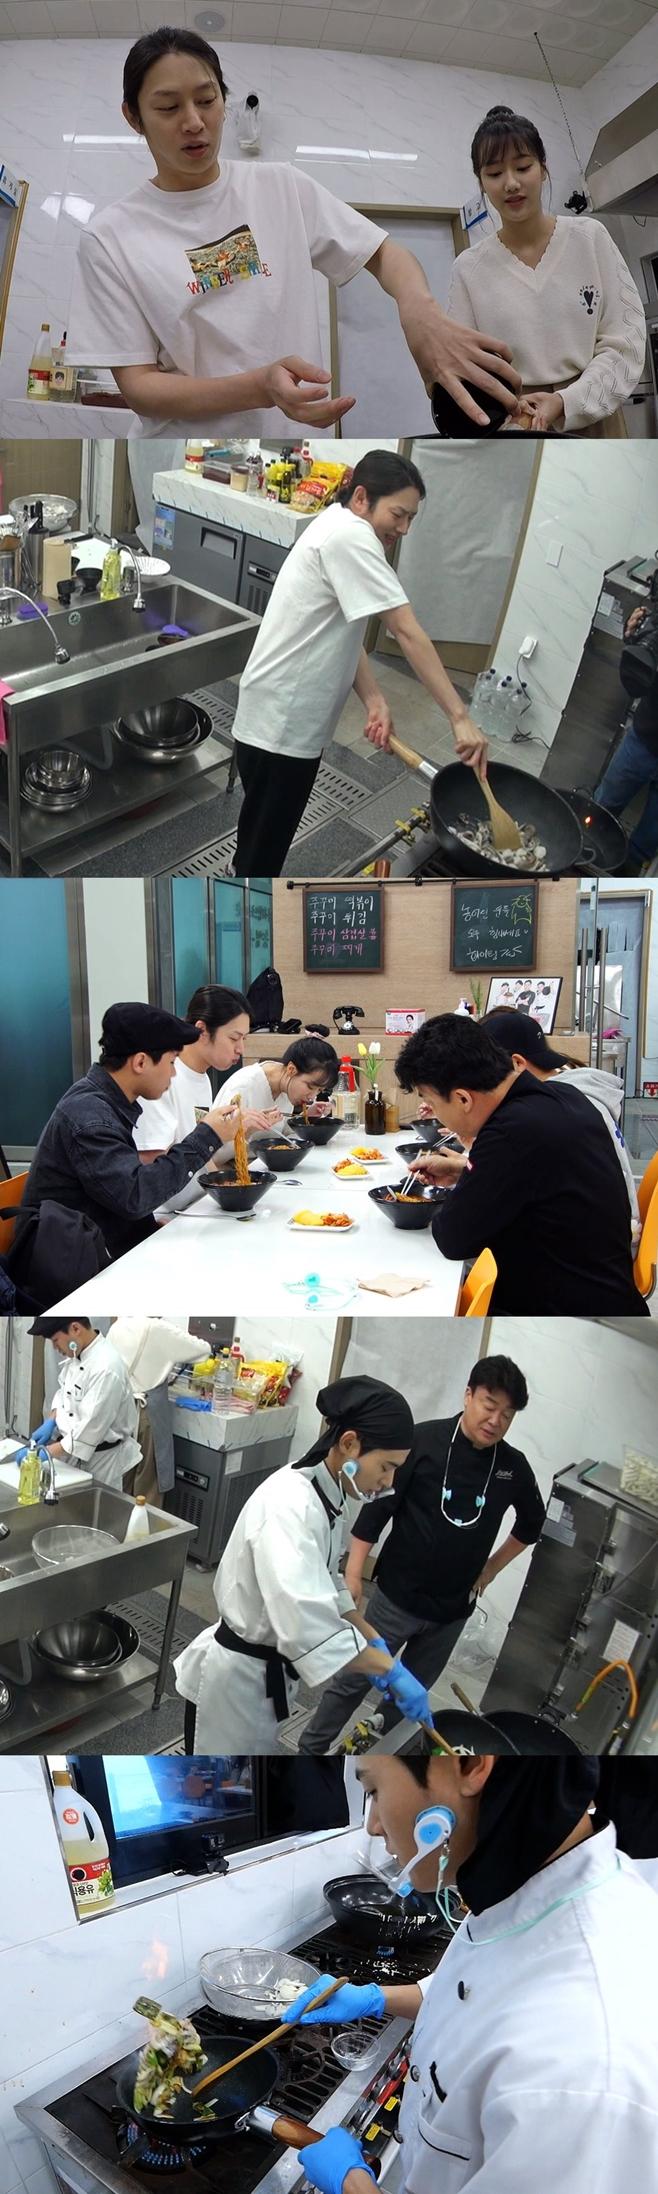 SBS 맛남의 광장, 김희철